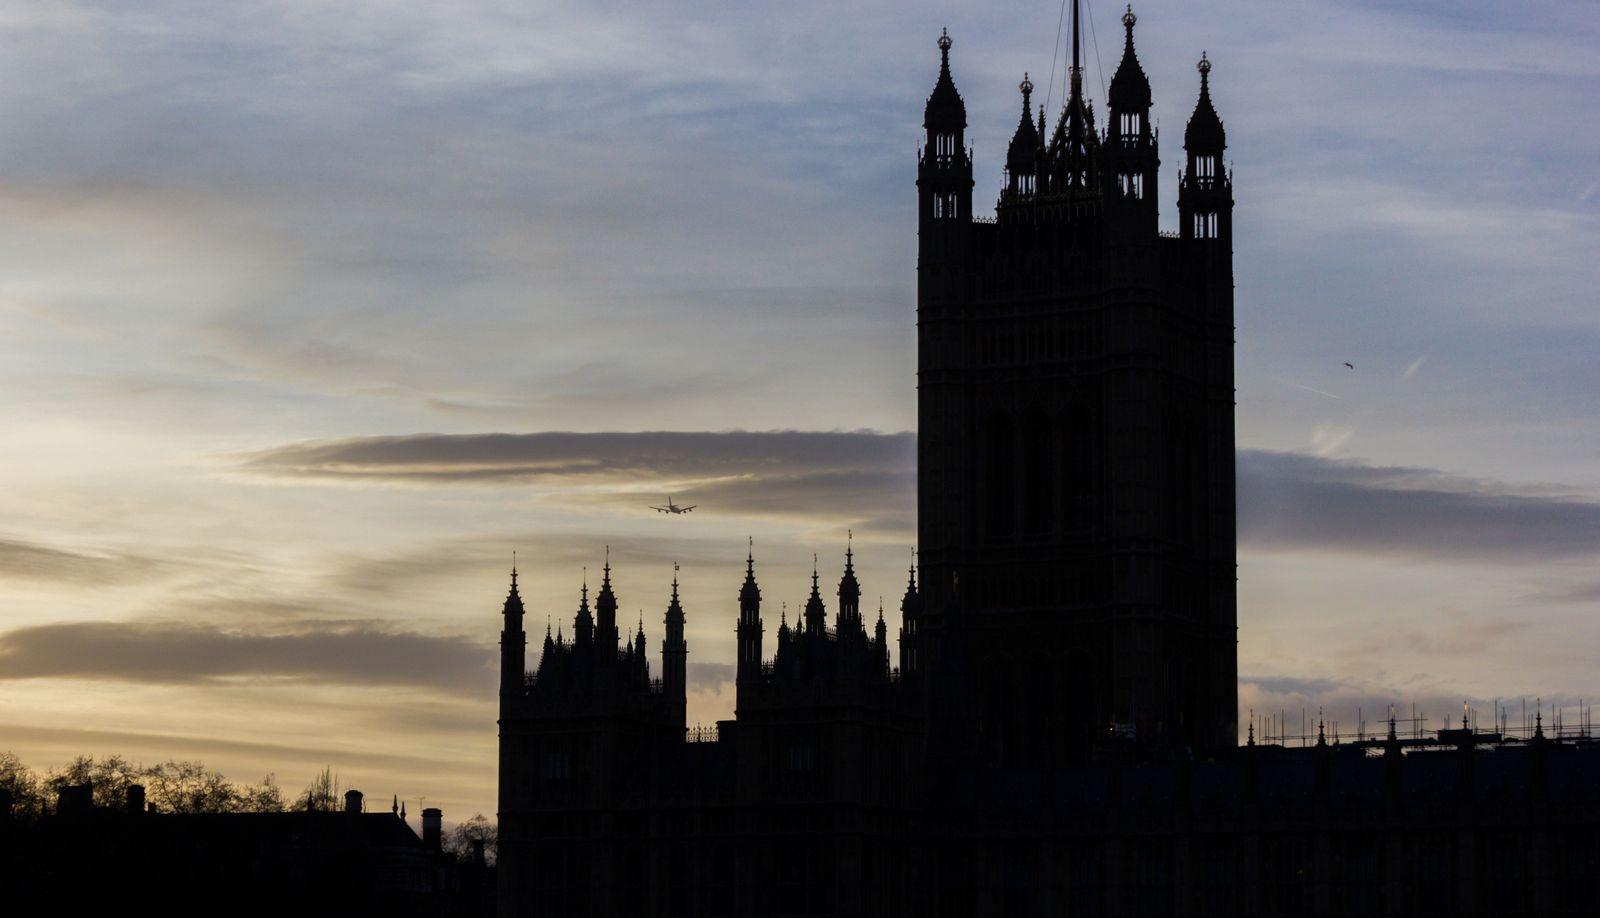 Termina una nueva corta relación entre Londres y el sol